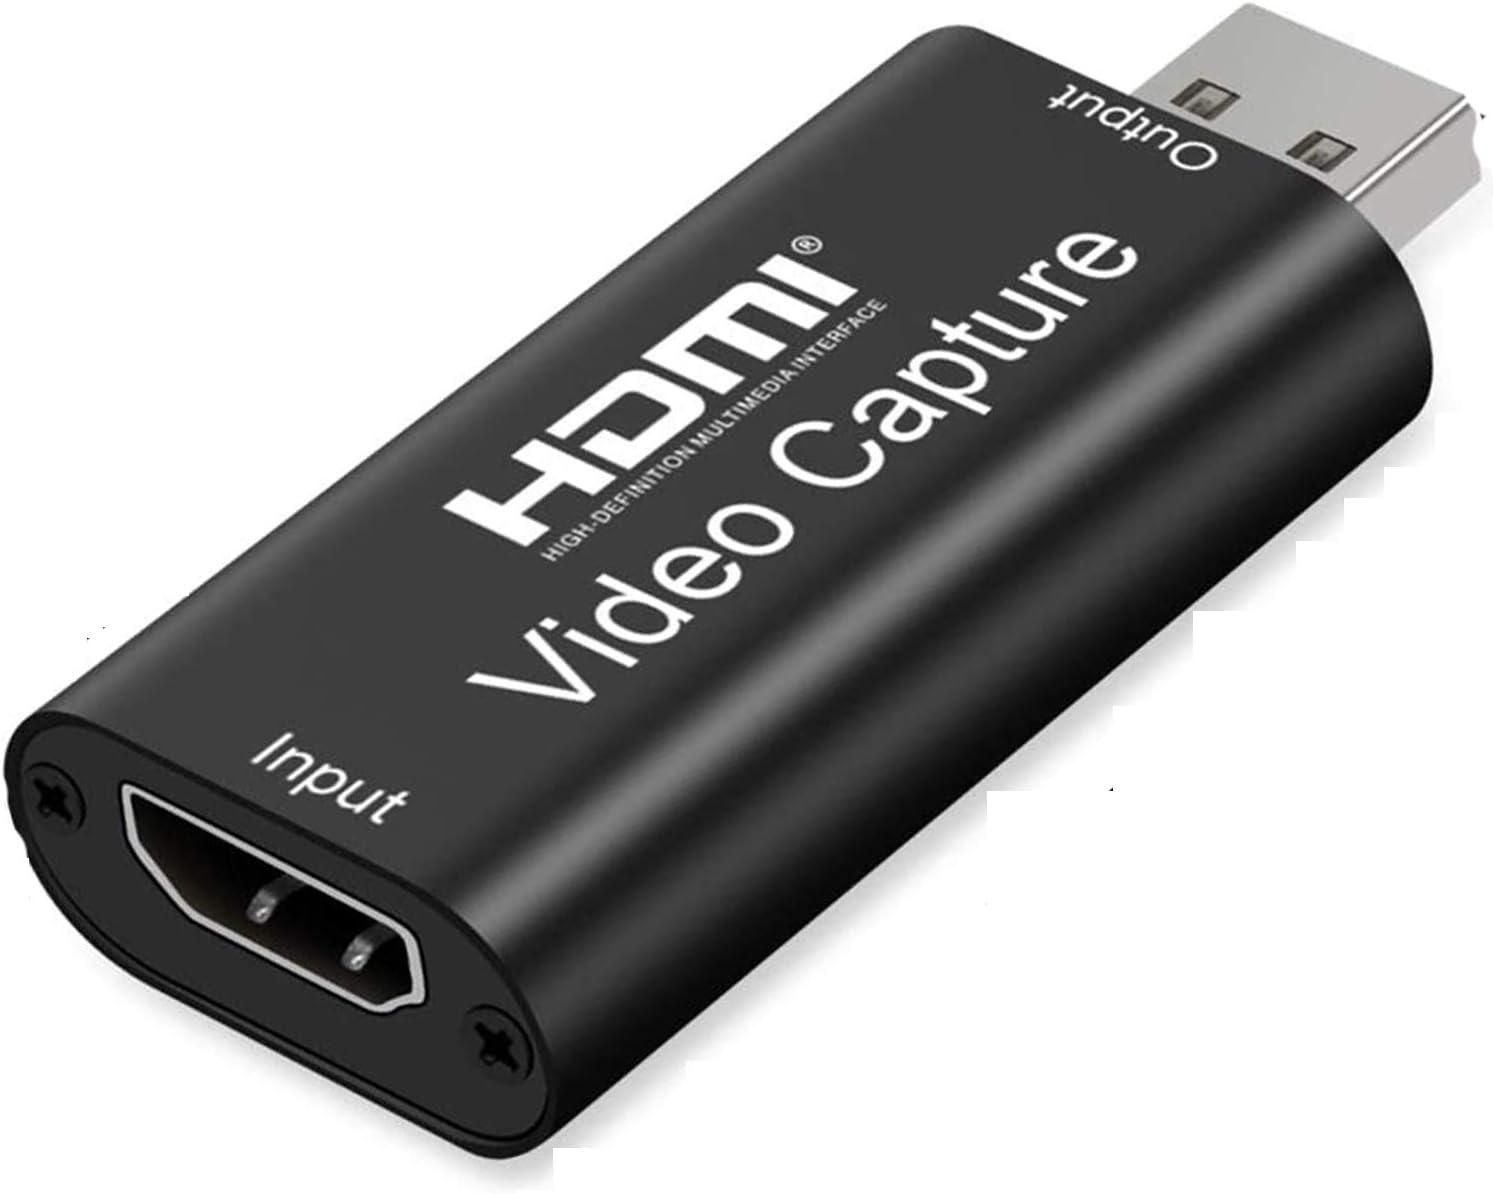 Ultra Low Latency Technology Guizu Cartes de Capture Audio vid/éo,Carte Portable Plug /& Play Capture Enregistrement vid/éo ou Diffusion en Direct,DSLR//Action Cam pour Streaming vid/éo en Direct